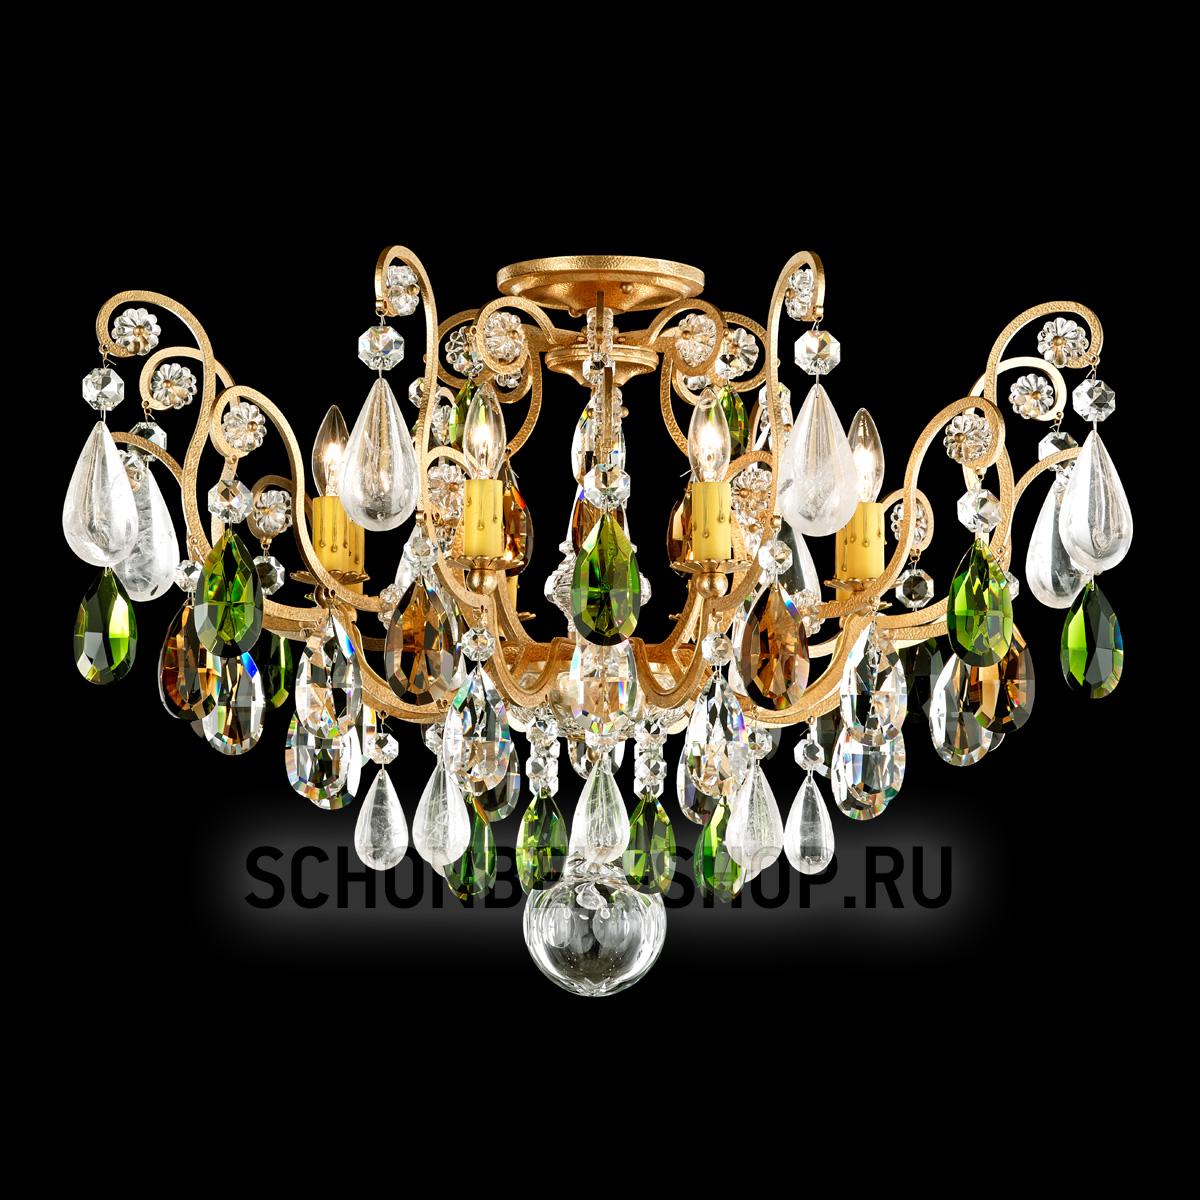 Фотография 1 - Светильник Schonbek Renaissance Rock Crystal 3585 ОS-22